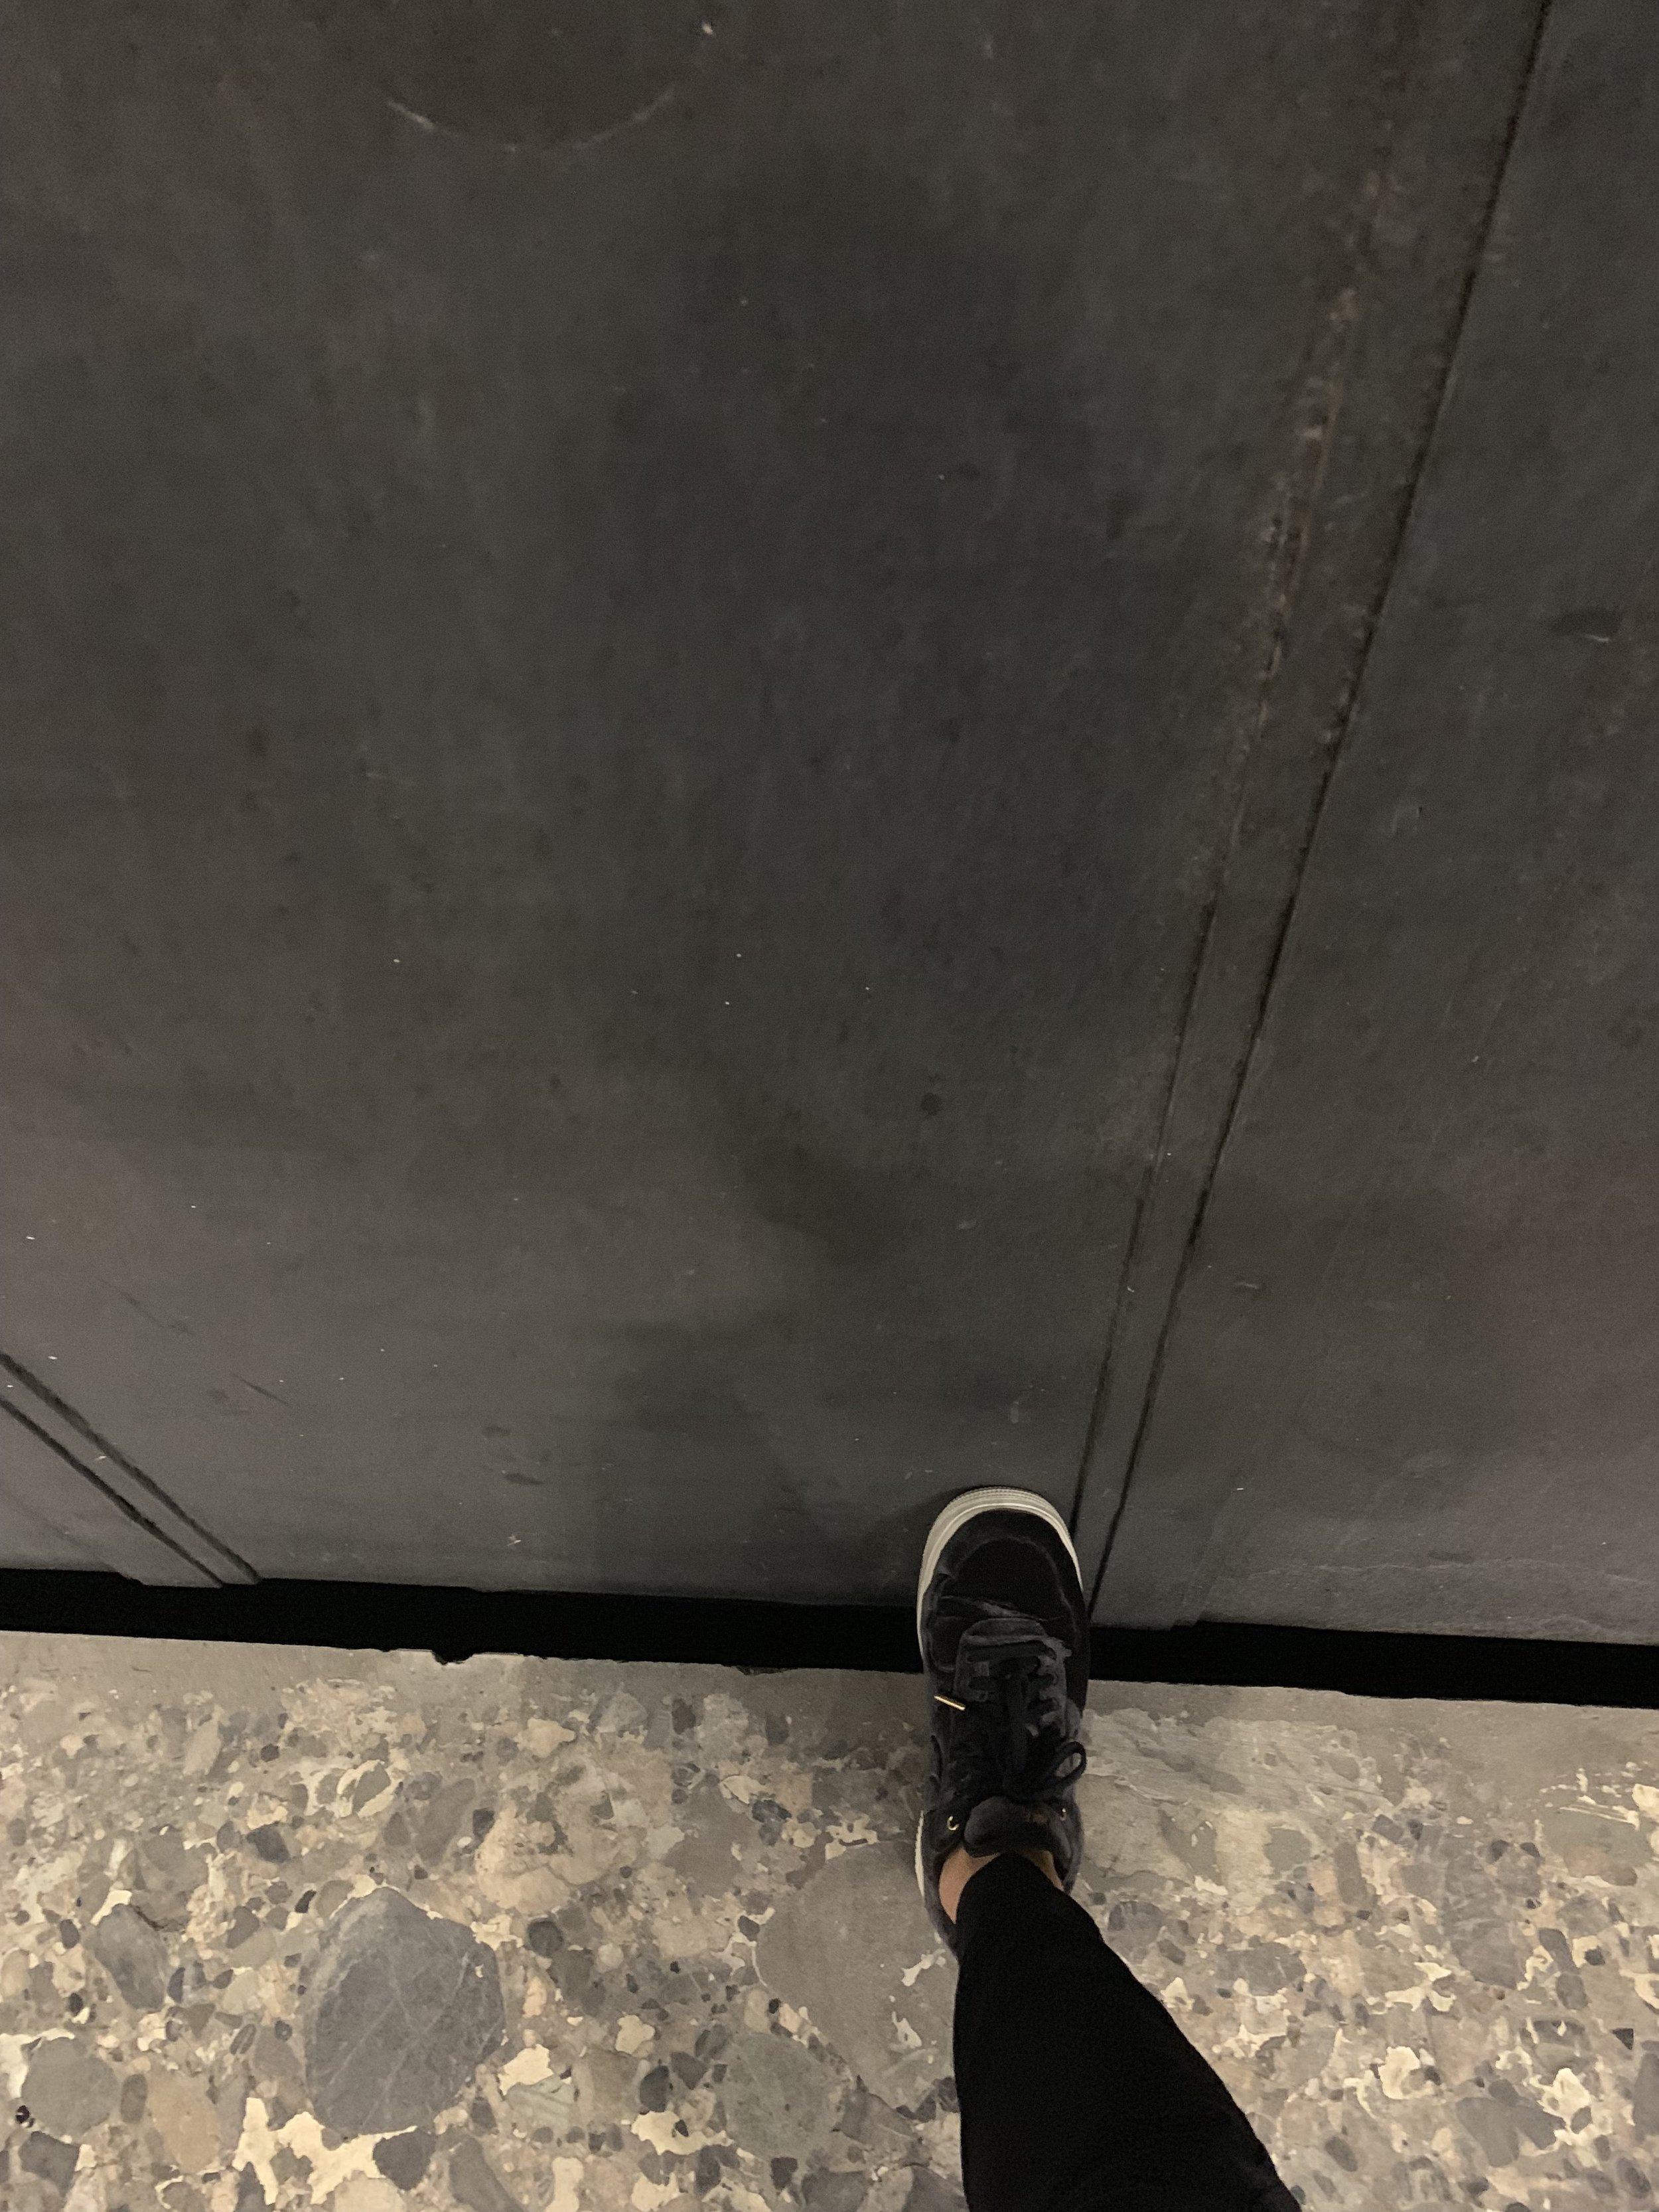 028 Salone del Mobile 2019 Lex de gooijer interiors rotterdam.JPG